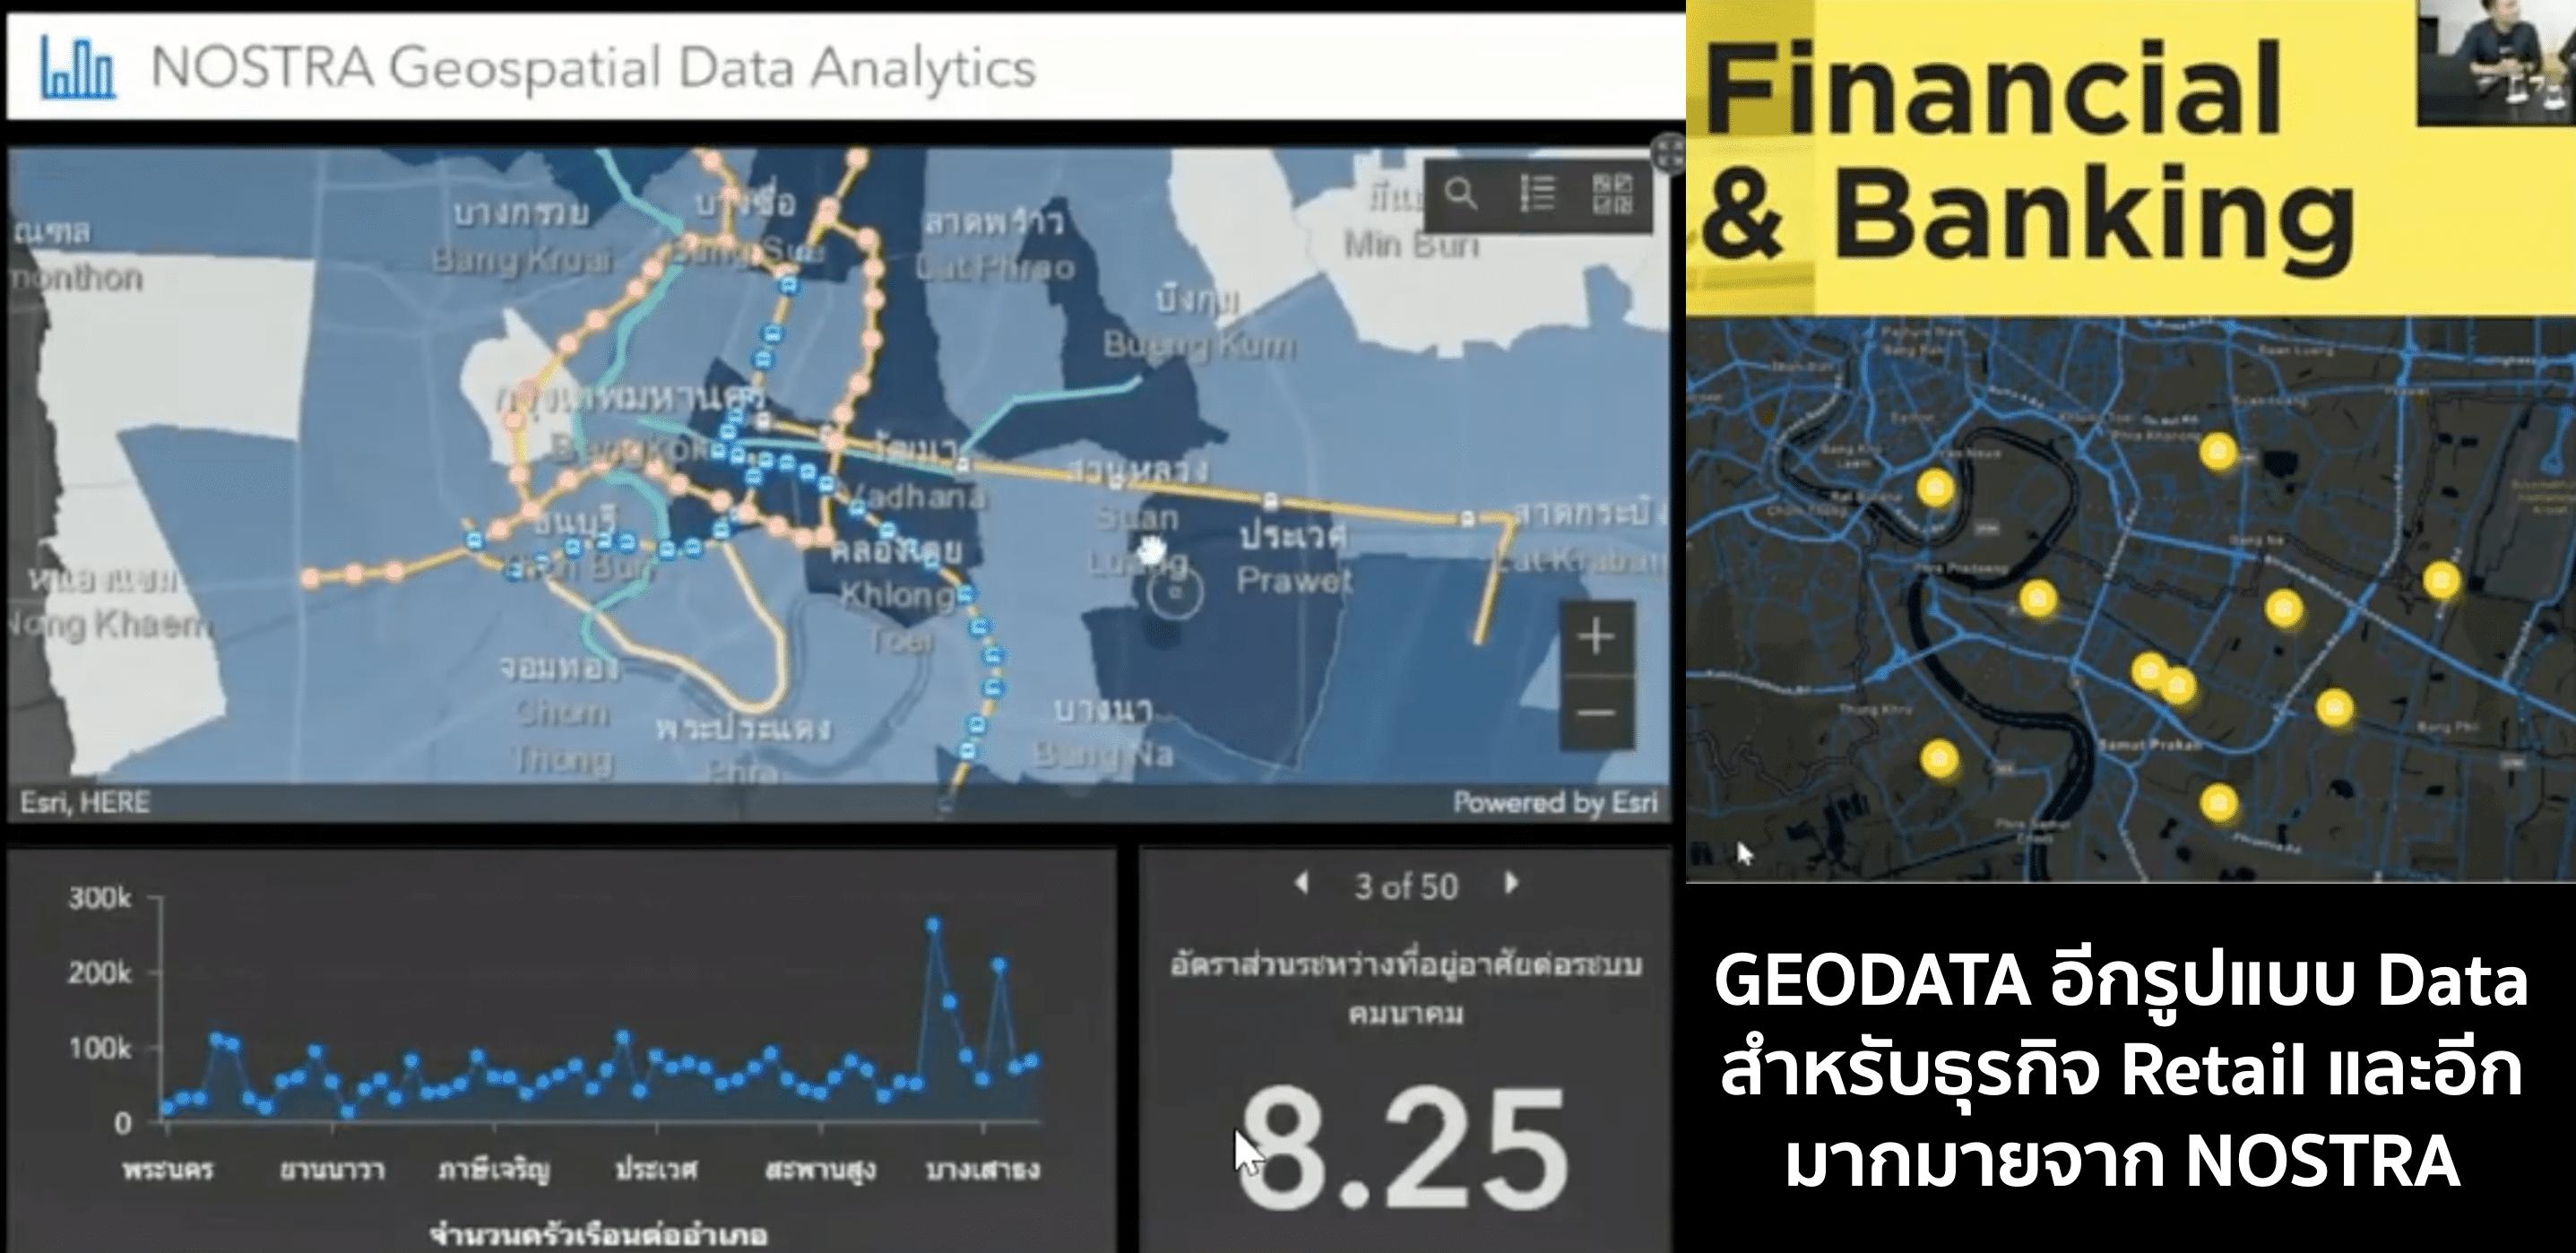 GeoData – เปิดร้านแบบไม่มโน ด้วยข้อมูลจาก NOSTRA